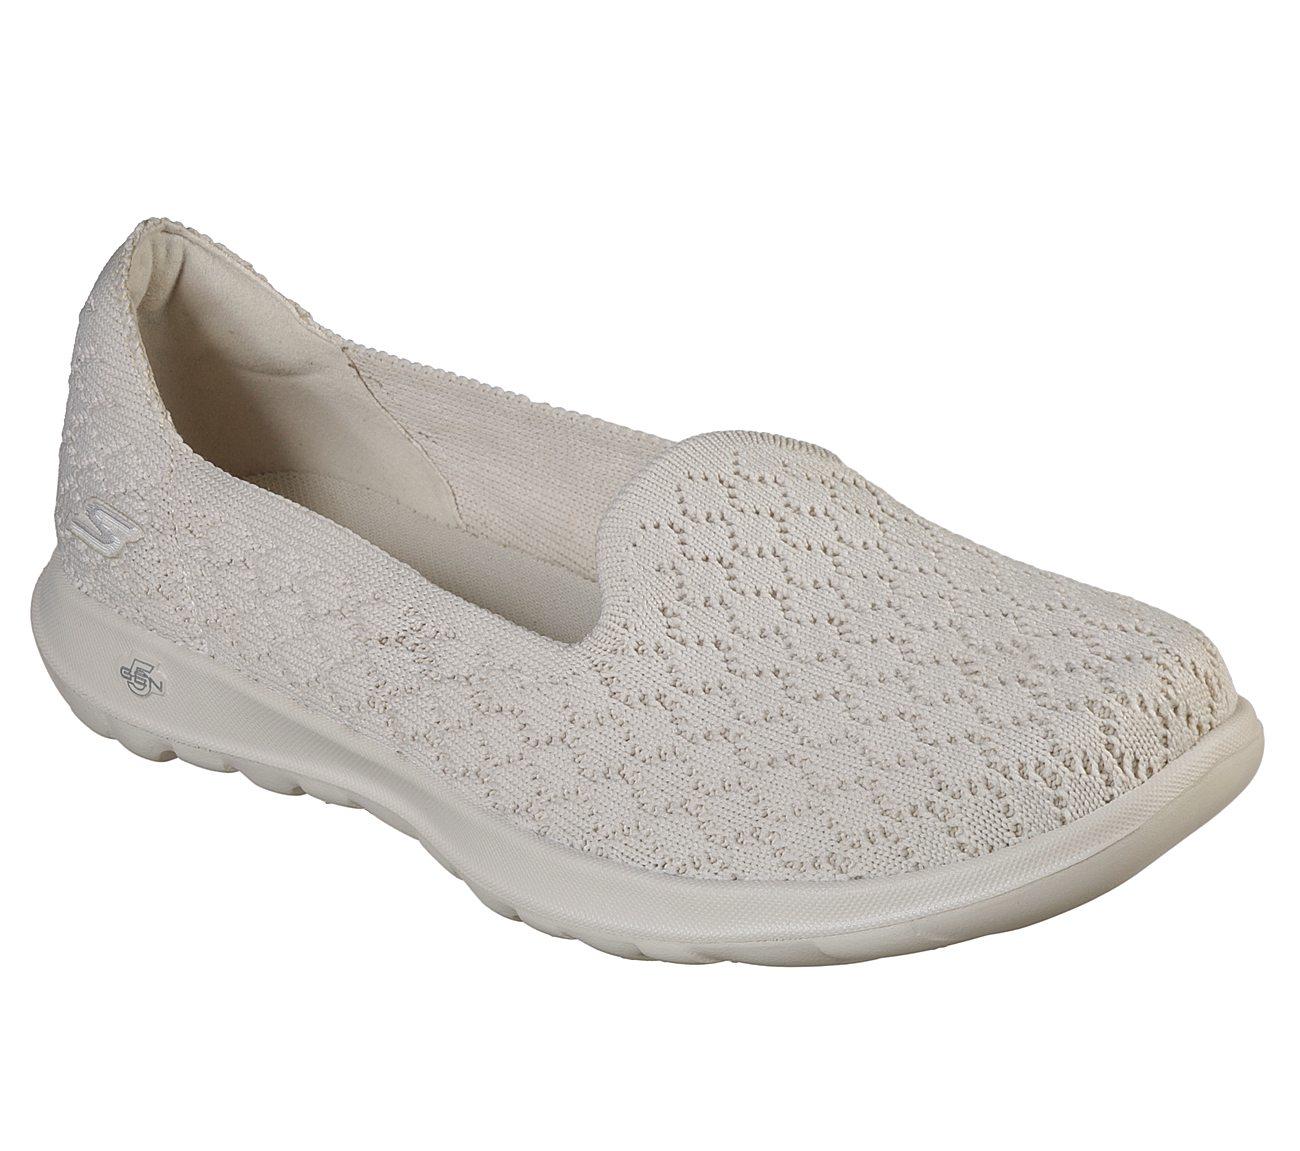 Skechers GOwalk Lite - Daisy